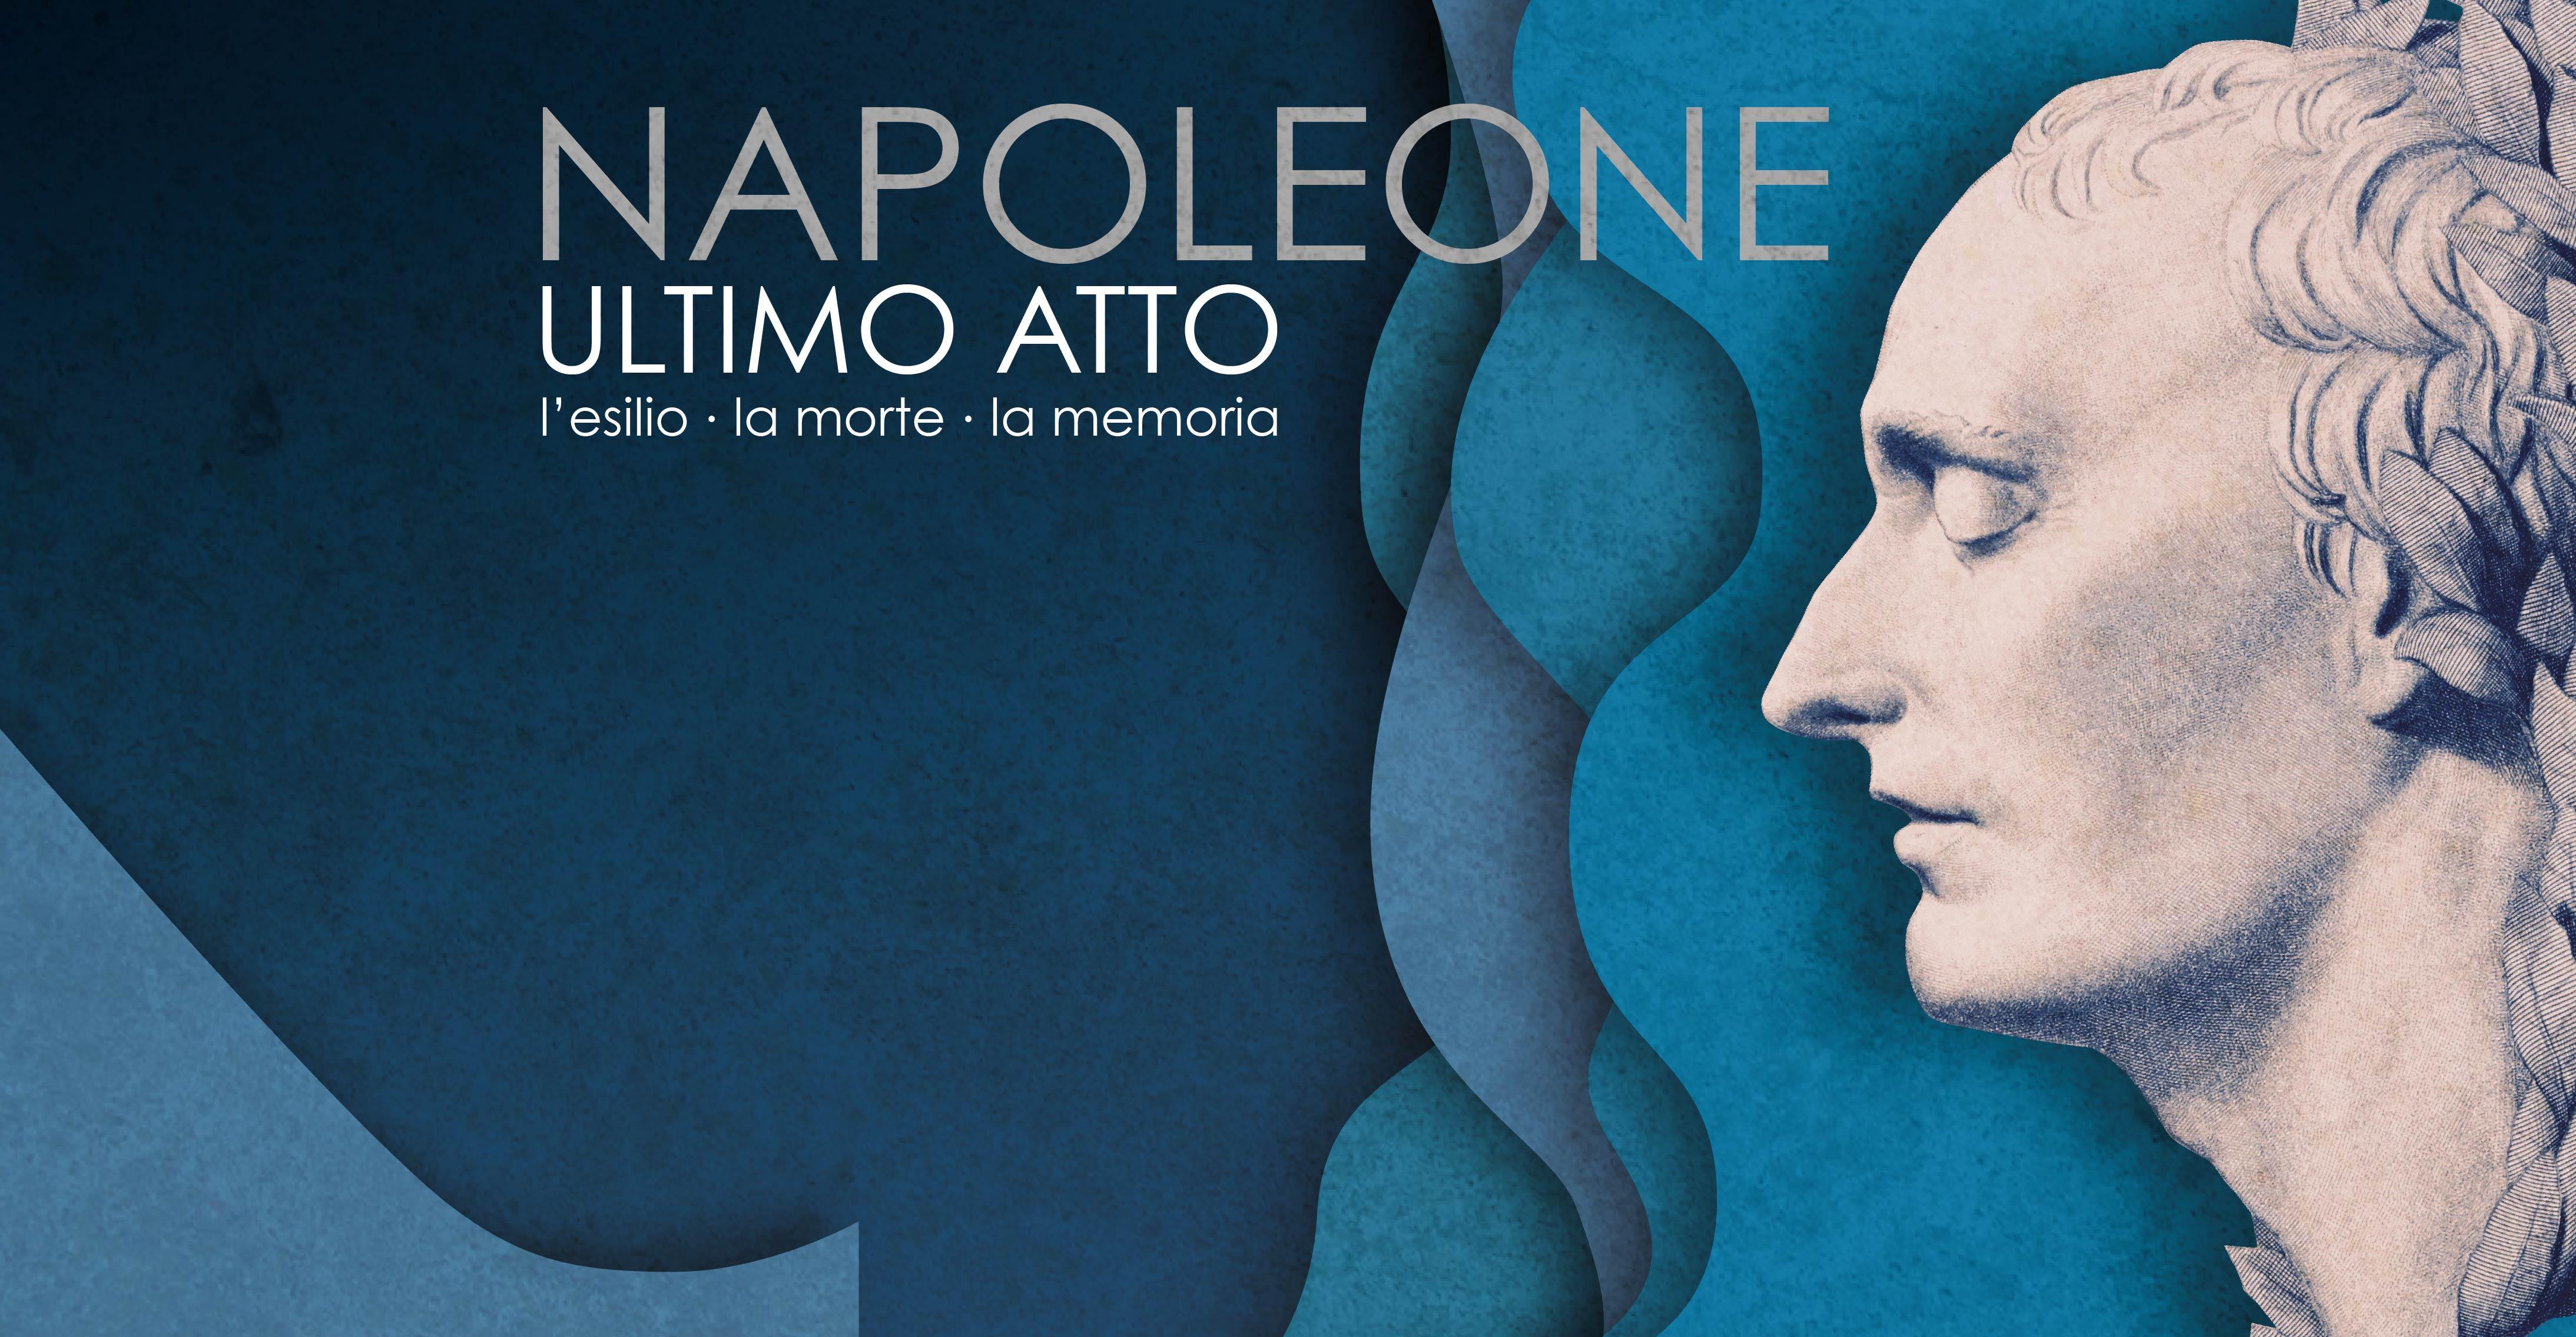 Roma, gli ultimi giorni di Napoleone Bonaparte in una mostra al Museo Napoleonico